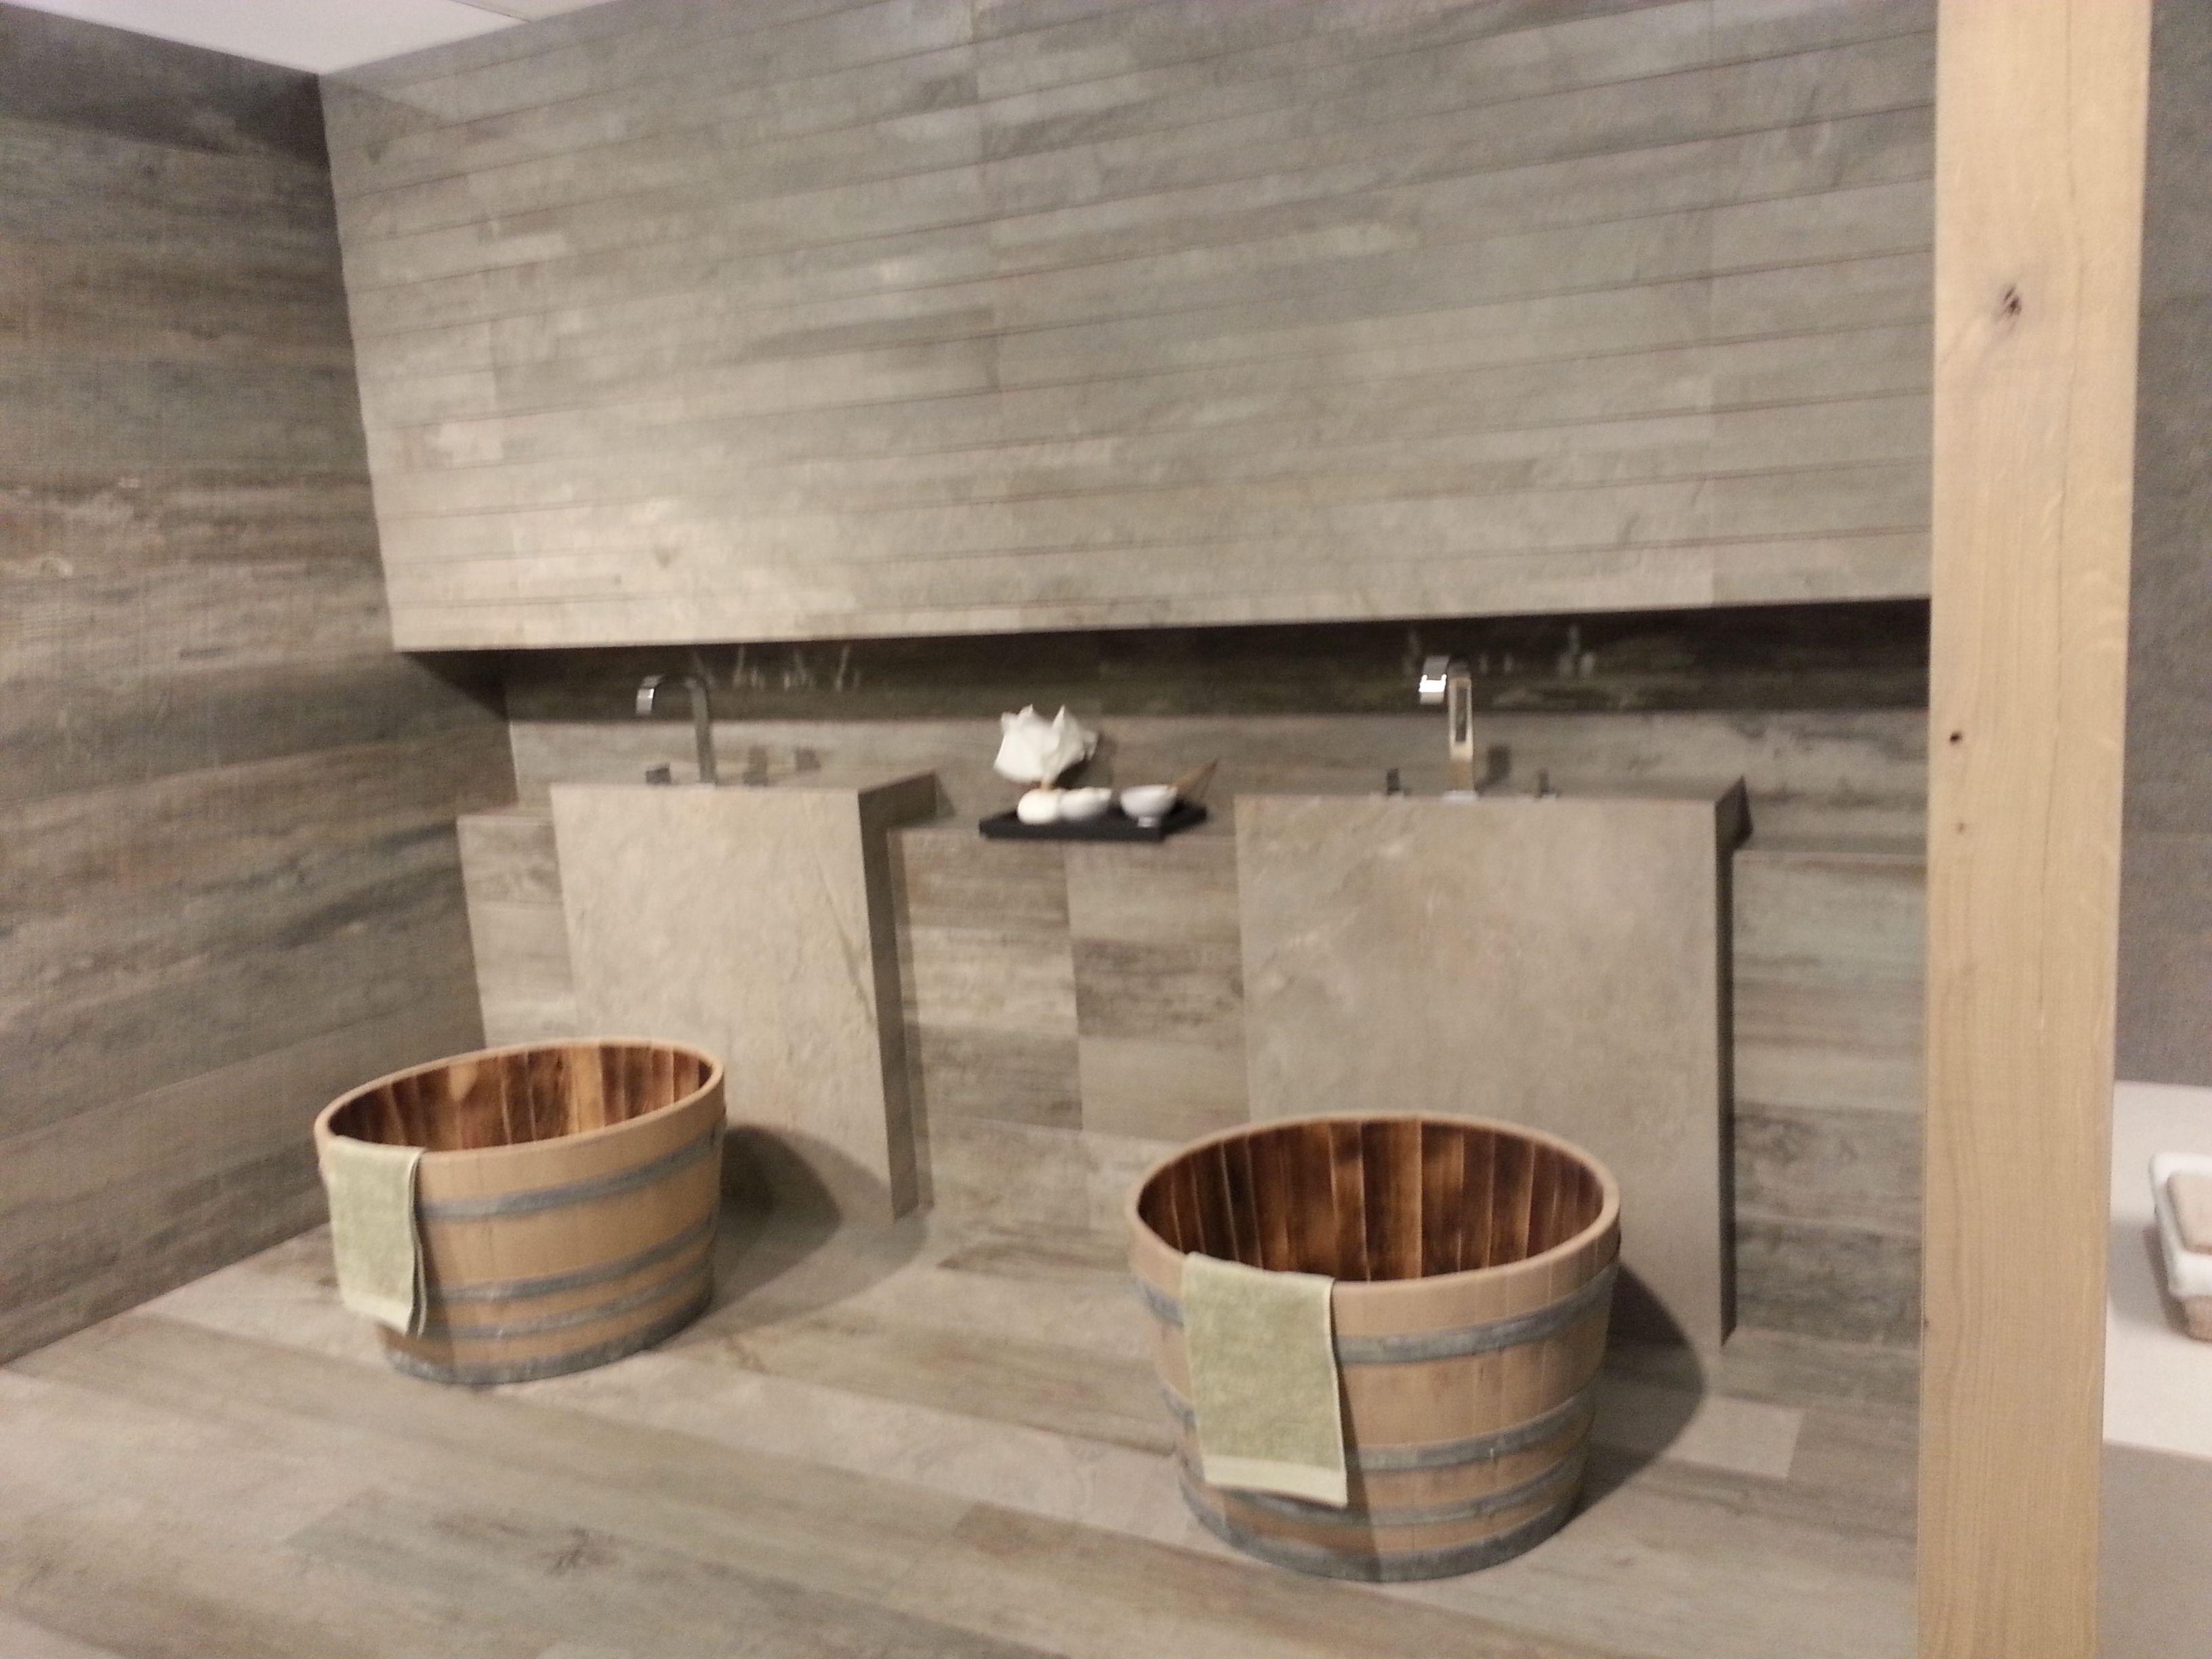 Vasca Da Bagno Napoli : Vasche da bagno in legno interiodesign napoli miscellanea